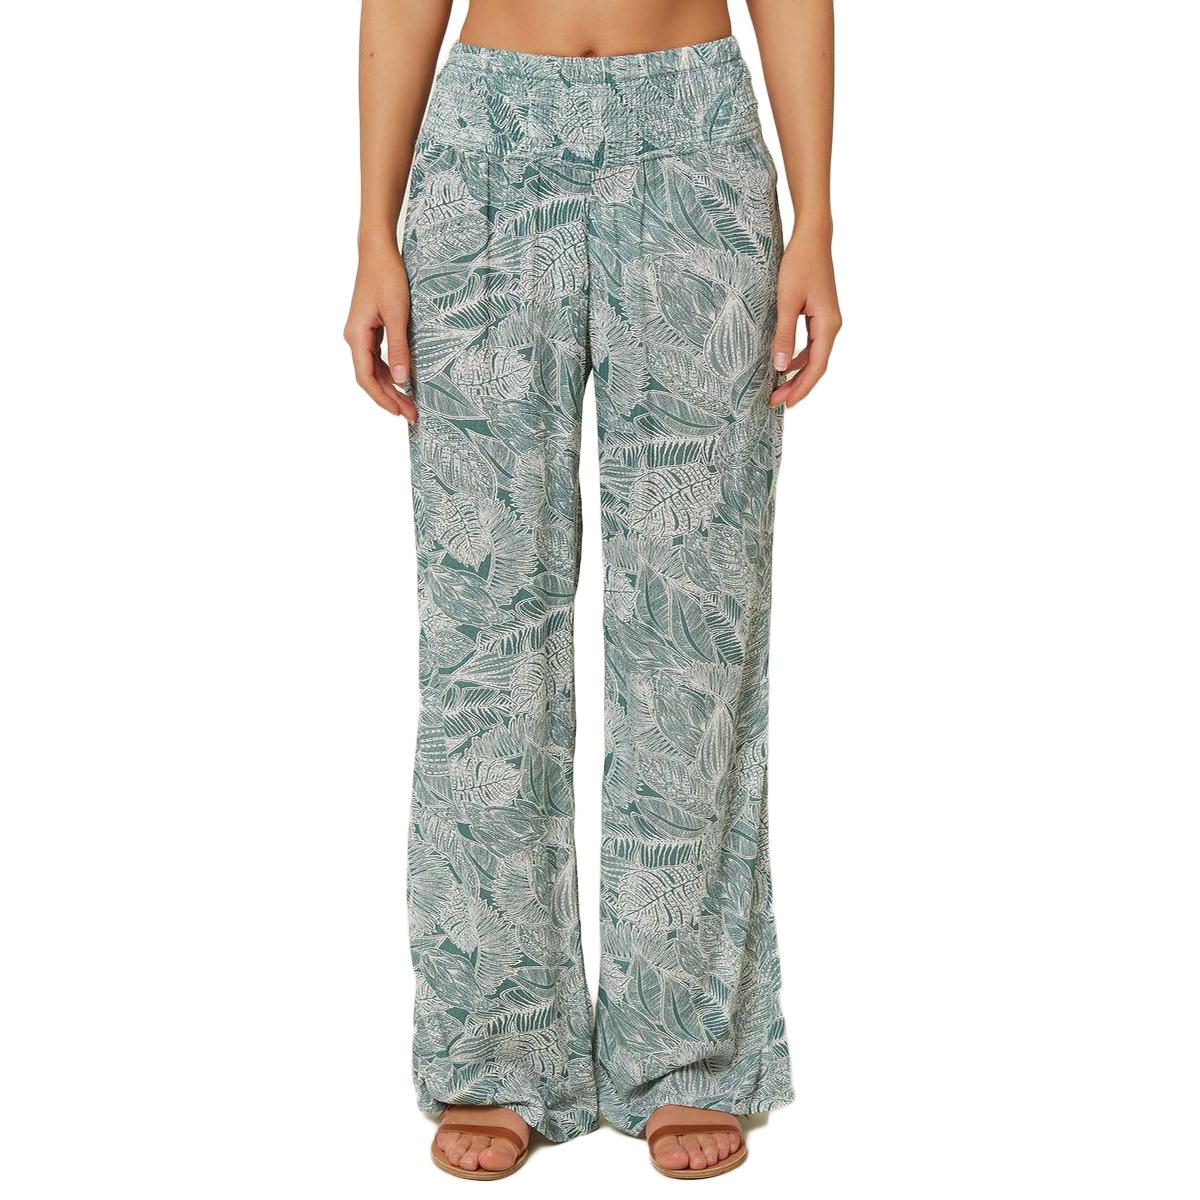 O'neill Women's Johhny Pants - Blue, XS